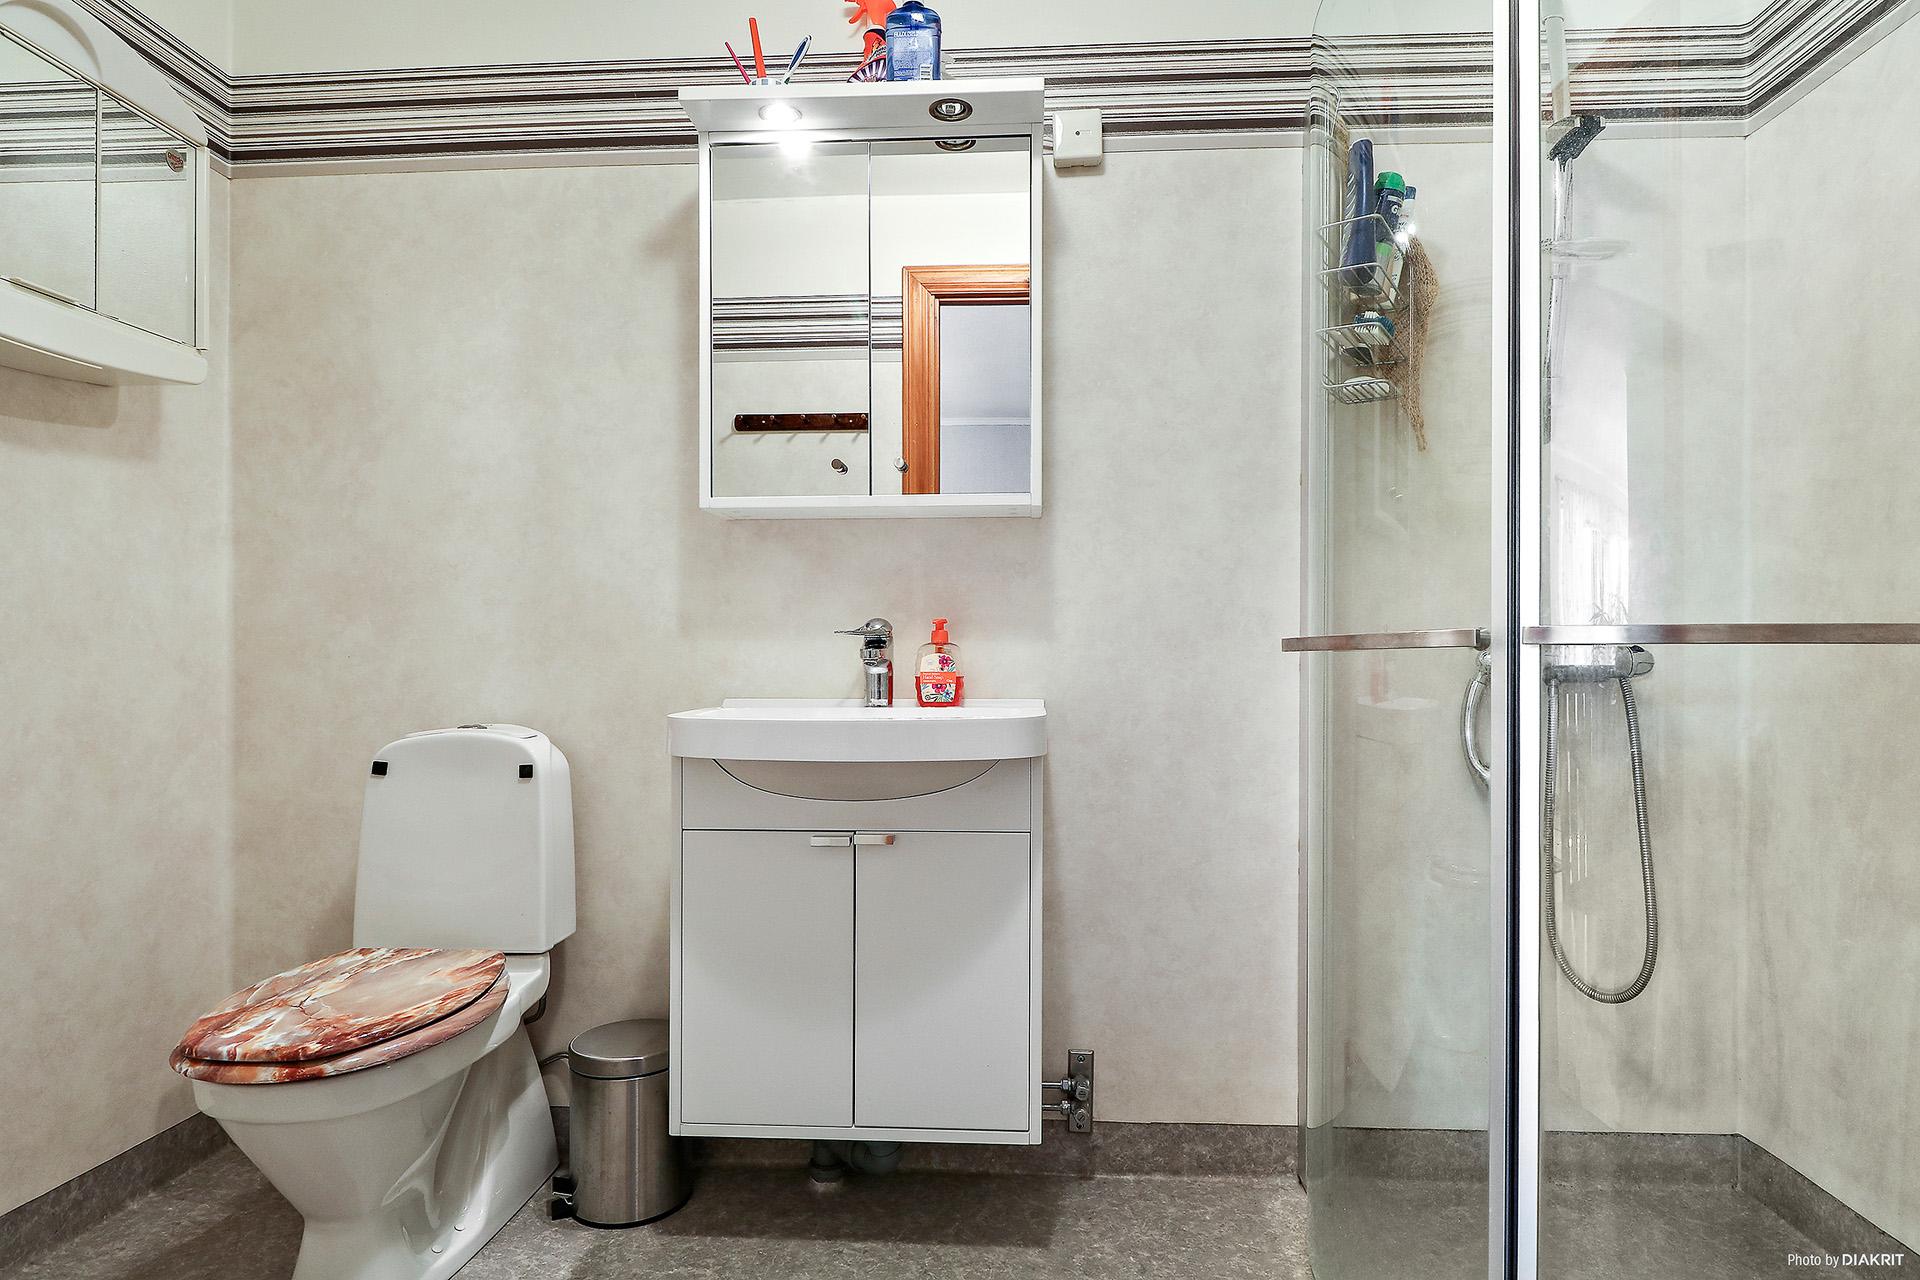 Gemensamt badrum för lägenhet 3 och 4.